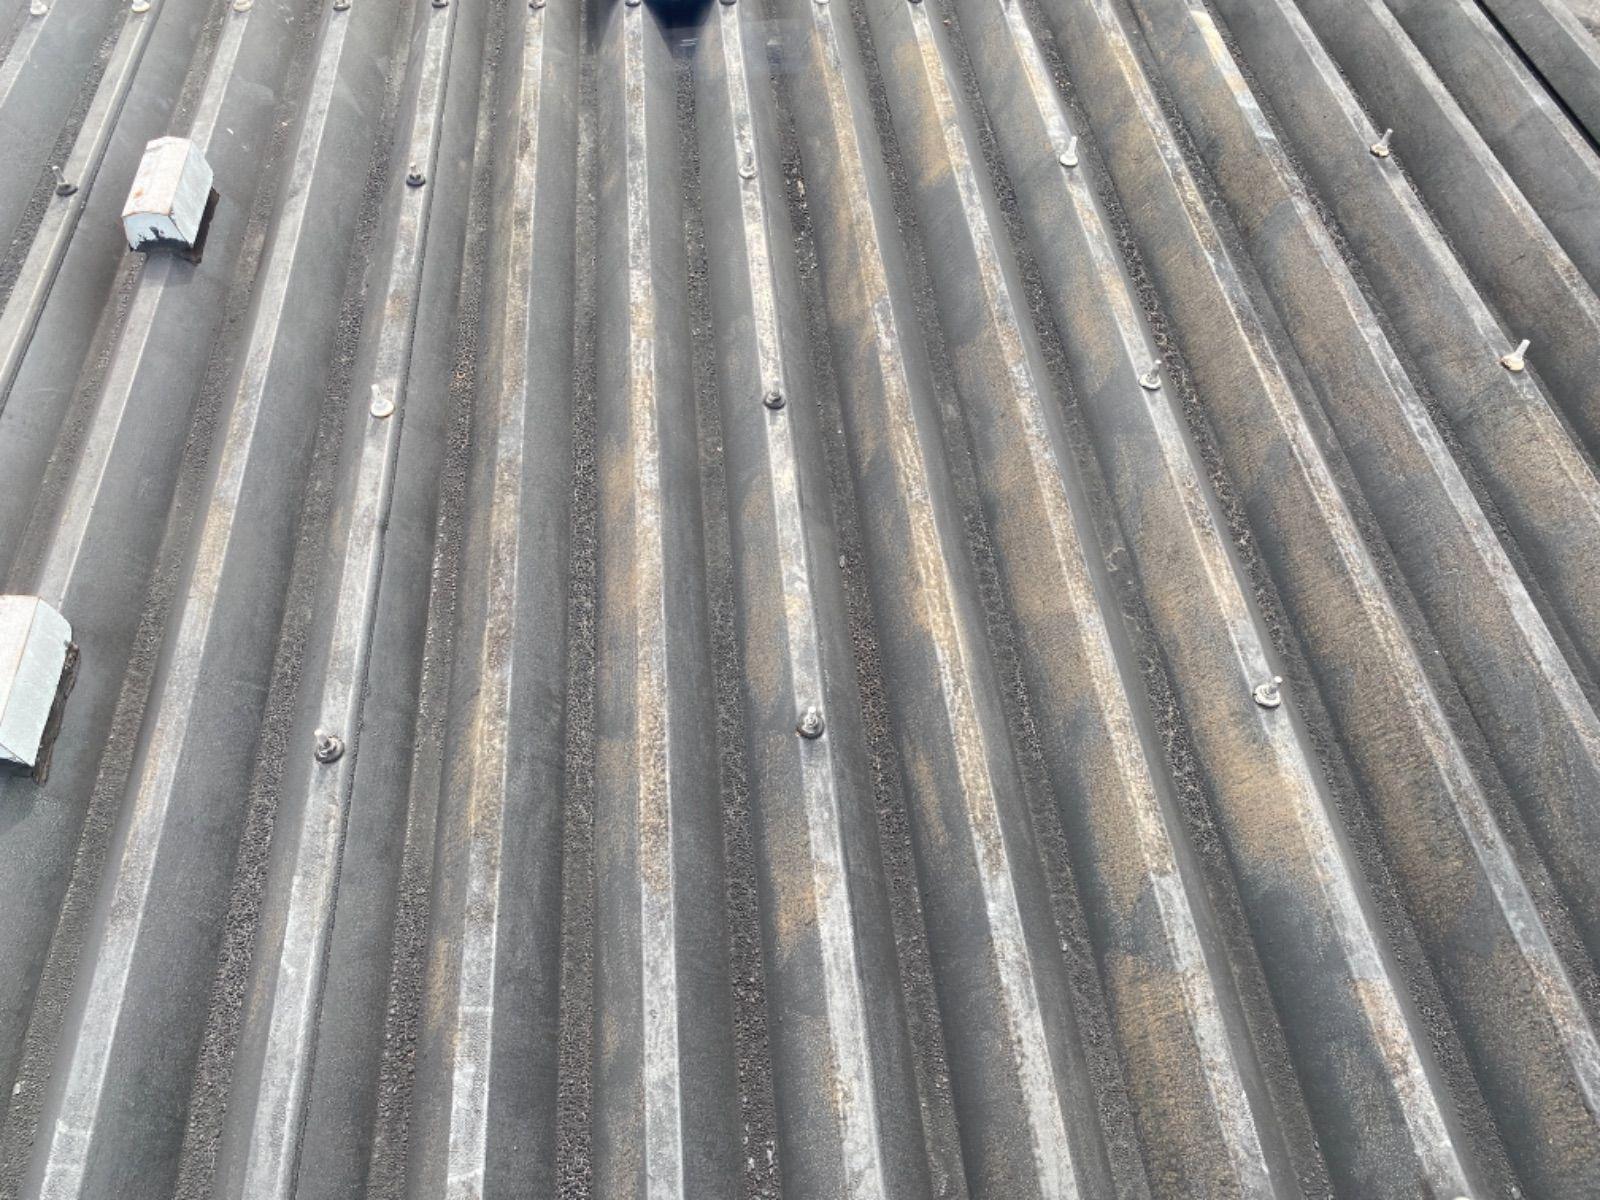 【紀の川市】M様邸 屋根塗装工事<br>『コーティングを施し、輝きと耐久性をプラス♬』1